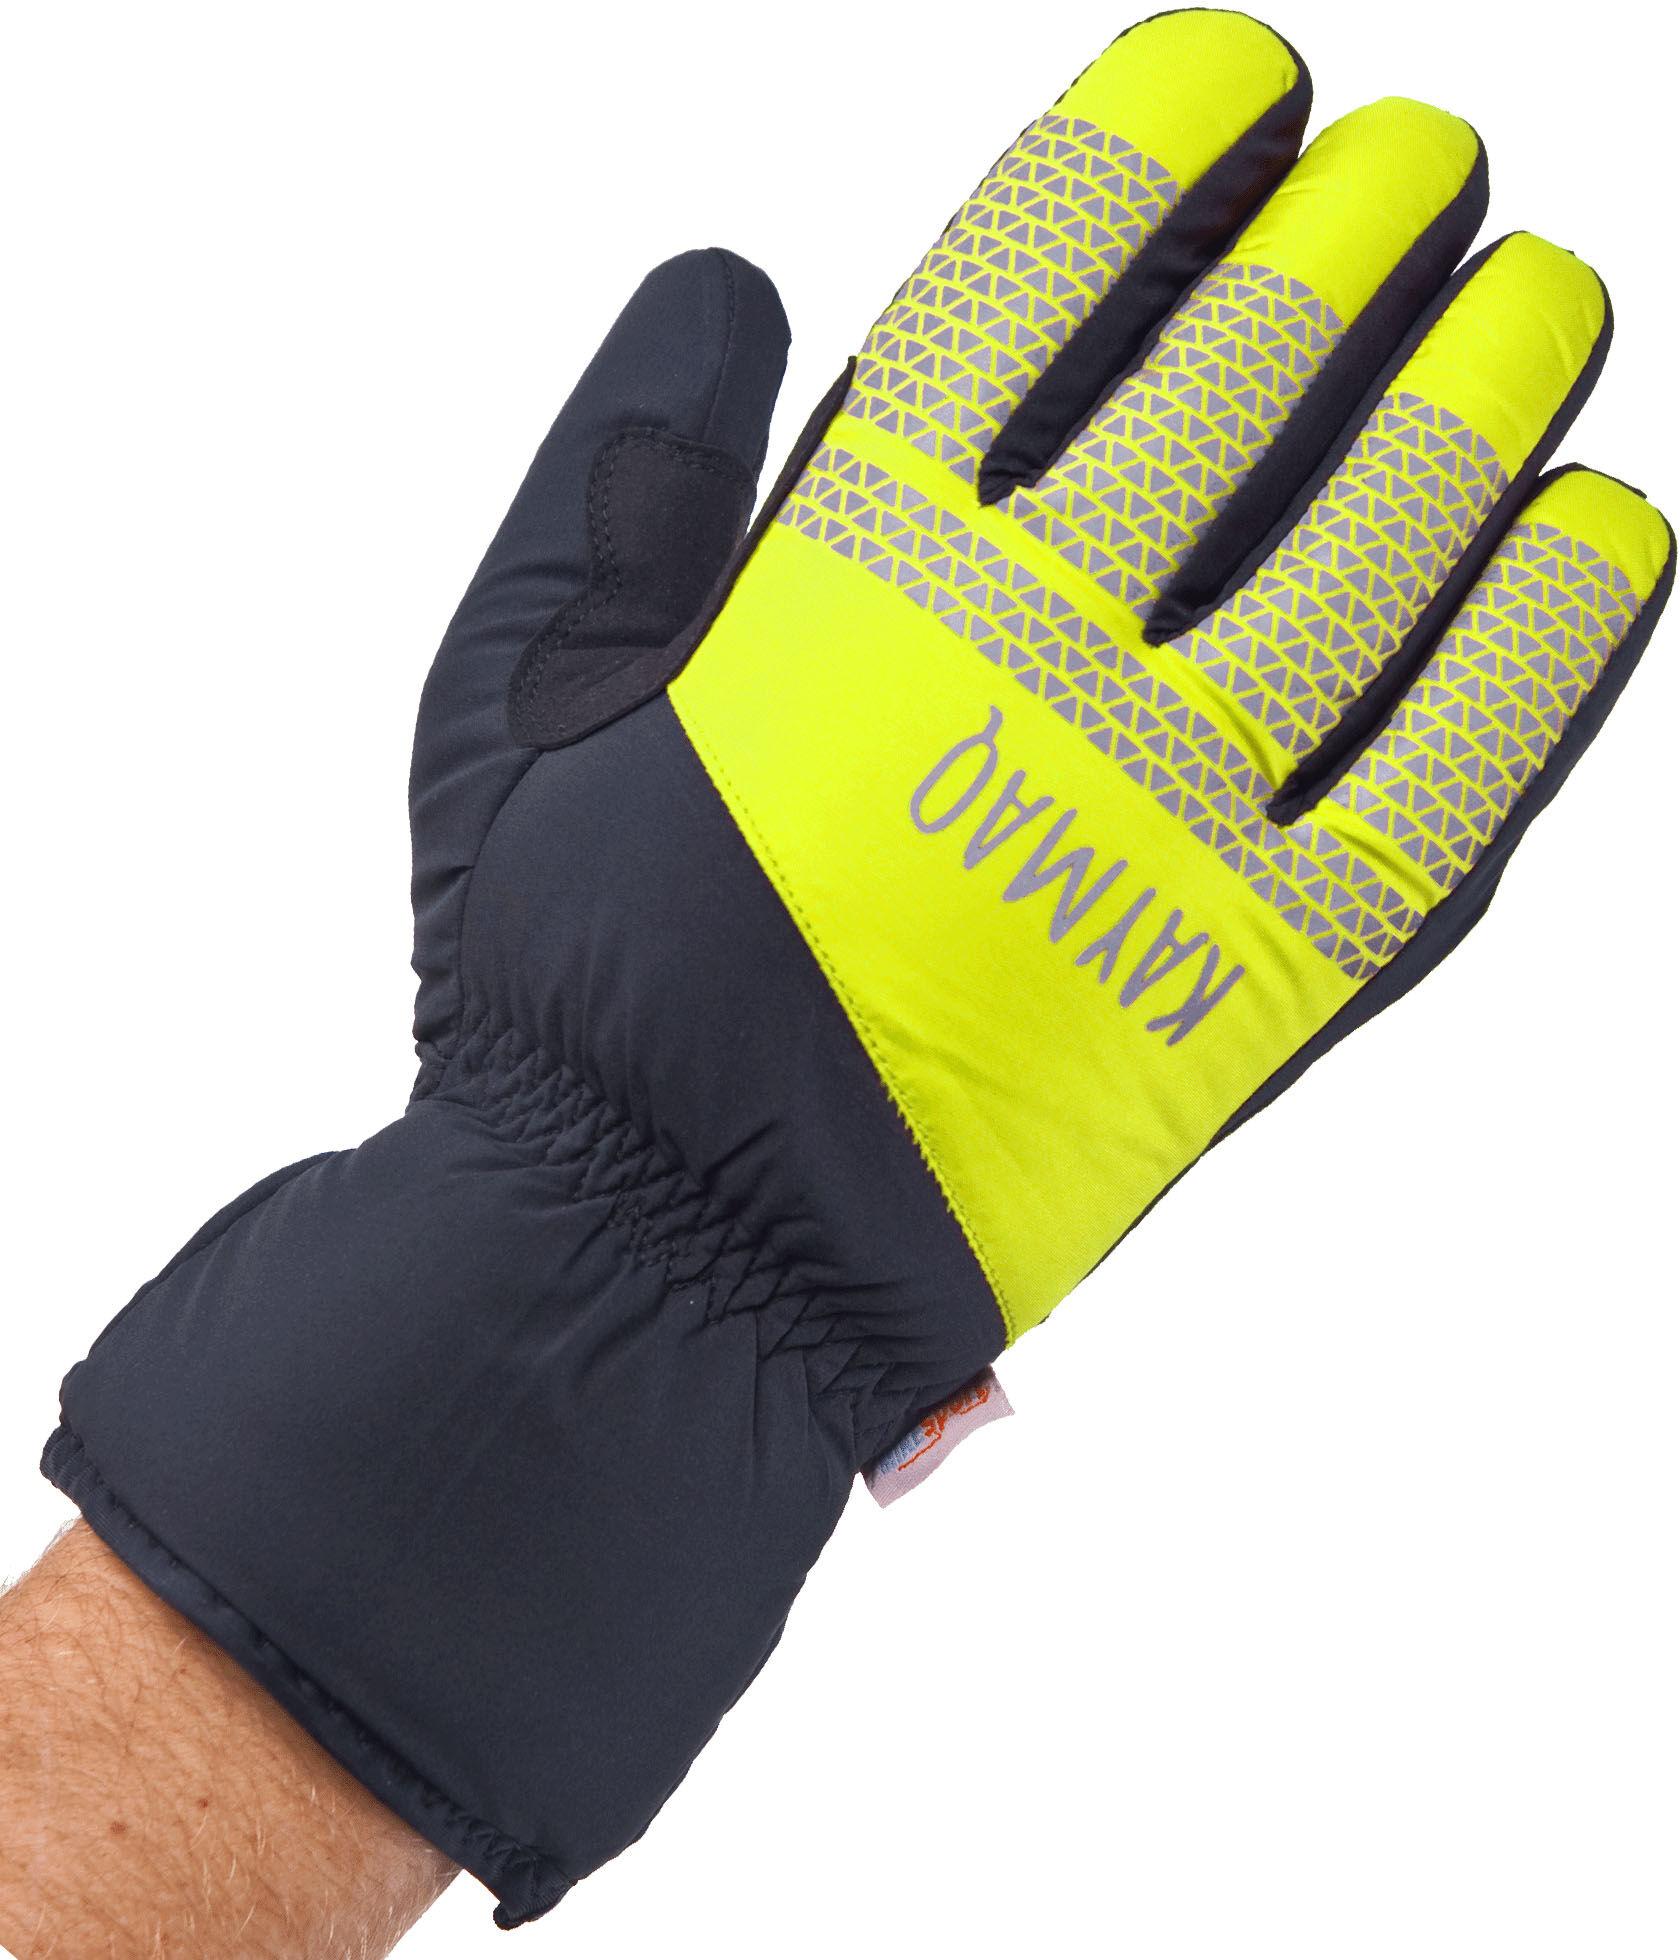 KAYMAQ GLW-002 zimowe rękawiczki rowerowe, czarny-fluor Rozmiar: L,KaymaqGLW-002blkfluye